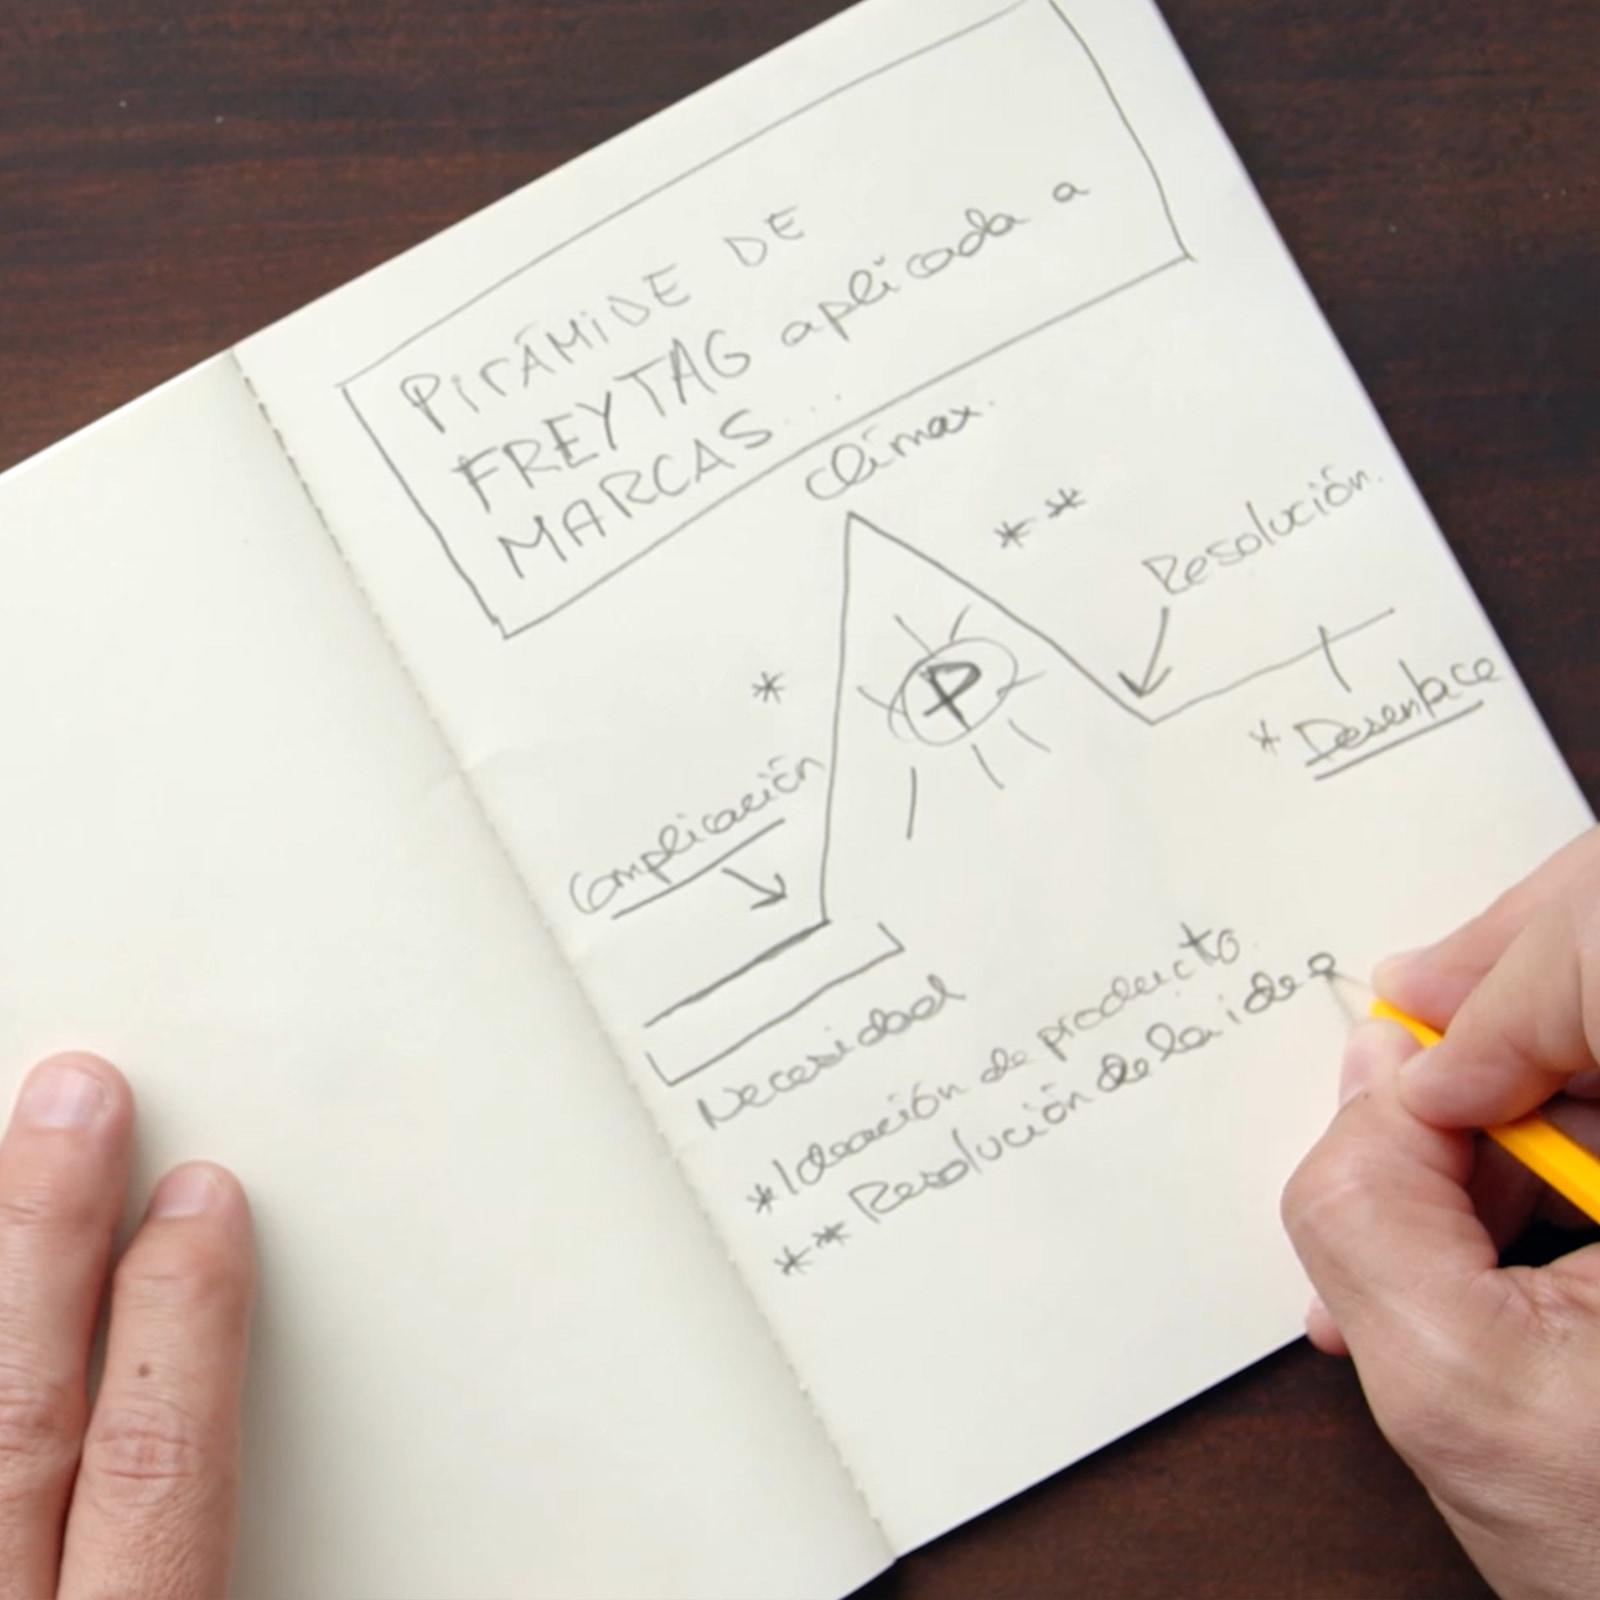 Tutorial Narrativa: 5 dicas para se tornar um storyteller melhor